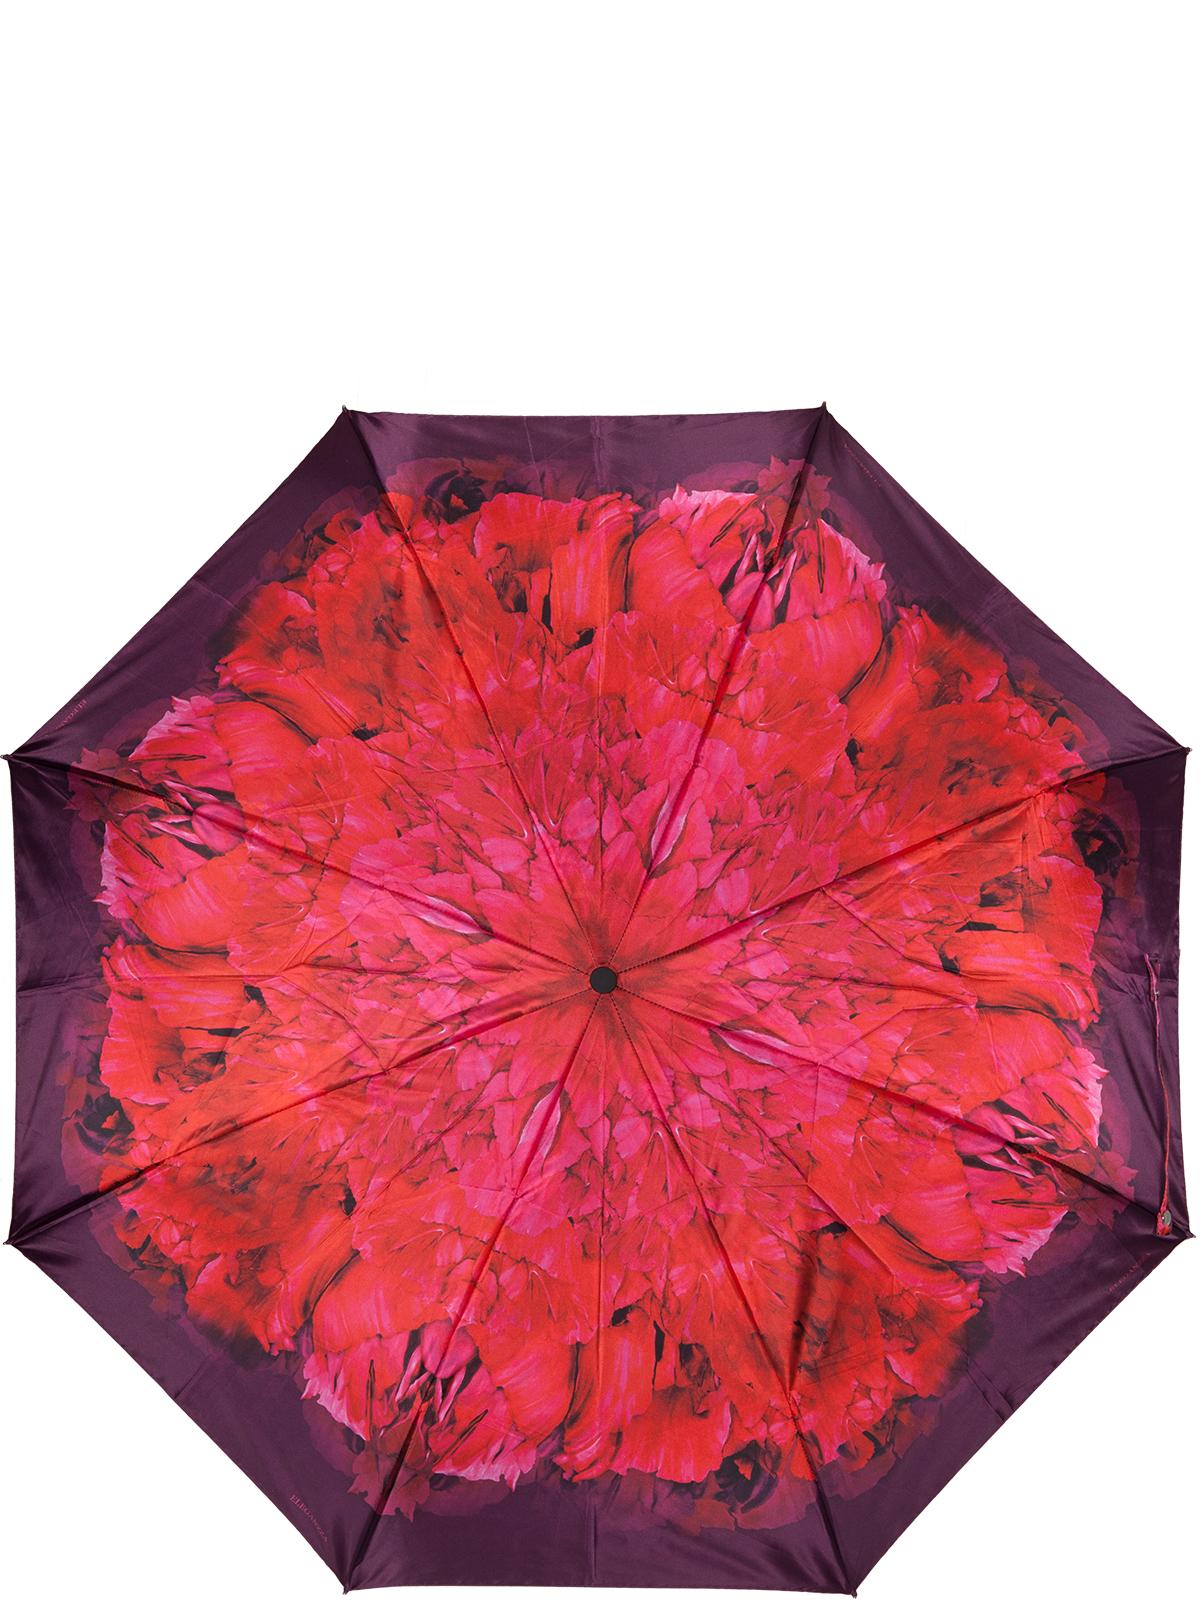 Зонт женский Eleganzza, автомат, 3 сложения, цвет: бордовый. A3-05-0310LSA3-05-0310LSЖенский зонт-автомат торговой марки ELEGANZZA с каркасом Smart, который позволяет без особых усилий складывать зонт, не позволяя стержню вылетать обратно. Купол: 100% полиэстер, сатин. Материал каркаса: сталь + алюминий + фибергласс. Материал ручки: пластик. Длина изделия - 30 см. Диаметр купола - 105 см. Система Smart, не позволяет стержню при сложении вылететь обратно, это облегчает сложение зонта! При сложении есть характерный звук-треск, как трещетка. Примечание: зонт не откроется с кнопки если его не закрыть до щелчка!